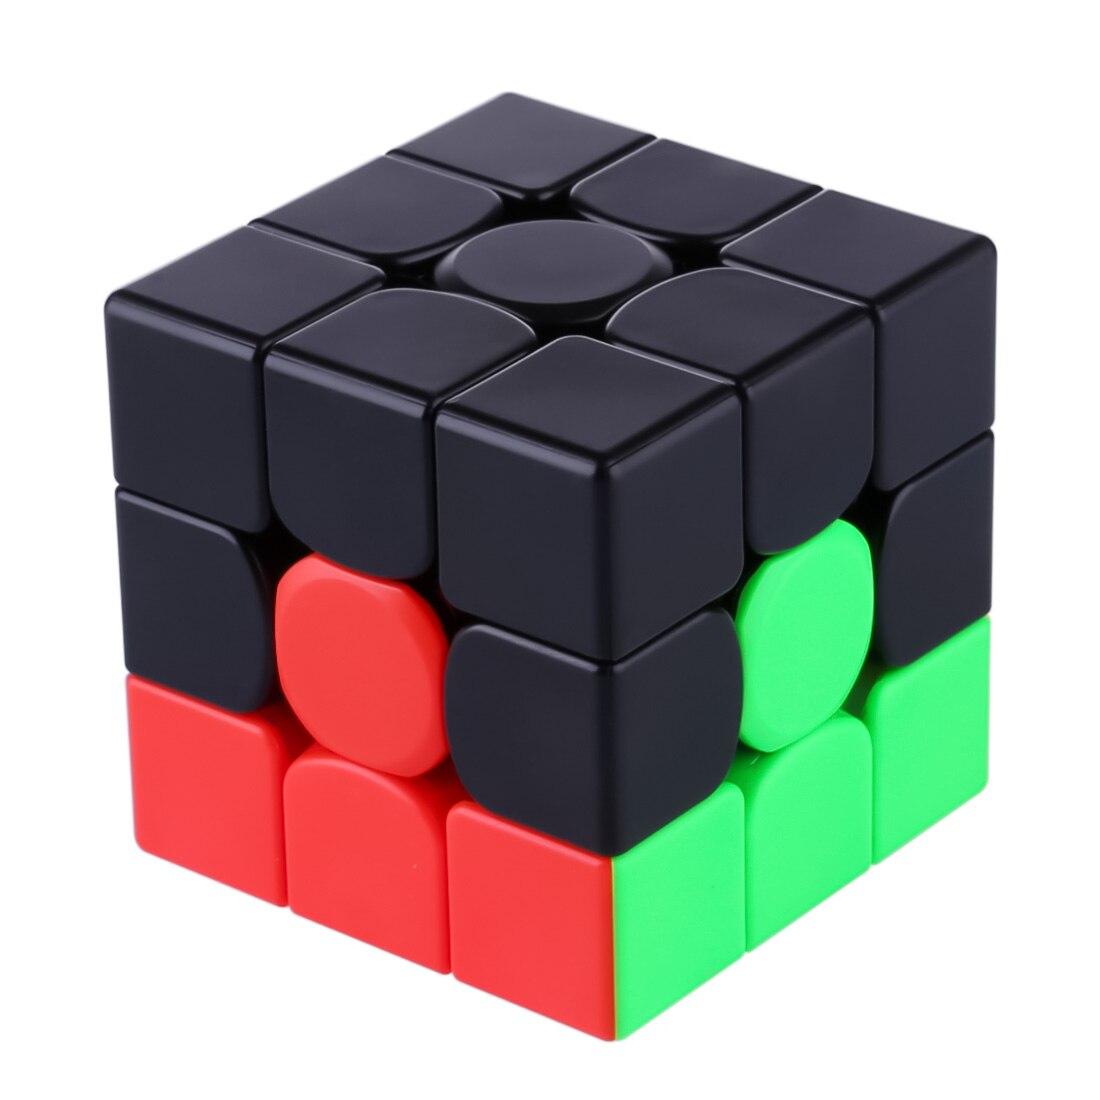 GAN MG356 3x3 магический куб Развивающие игрушки развивающий Интеллектуальный куб декомпрессионные игрушки для детей мальчиков игра-пять цвето...